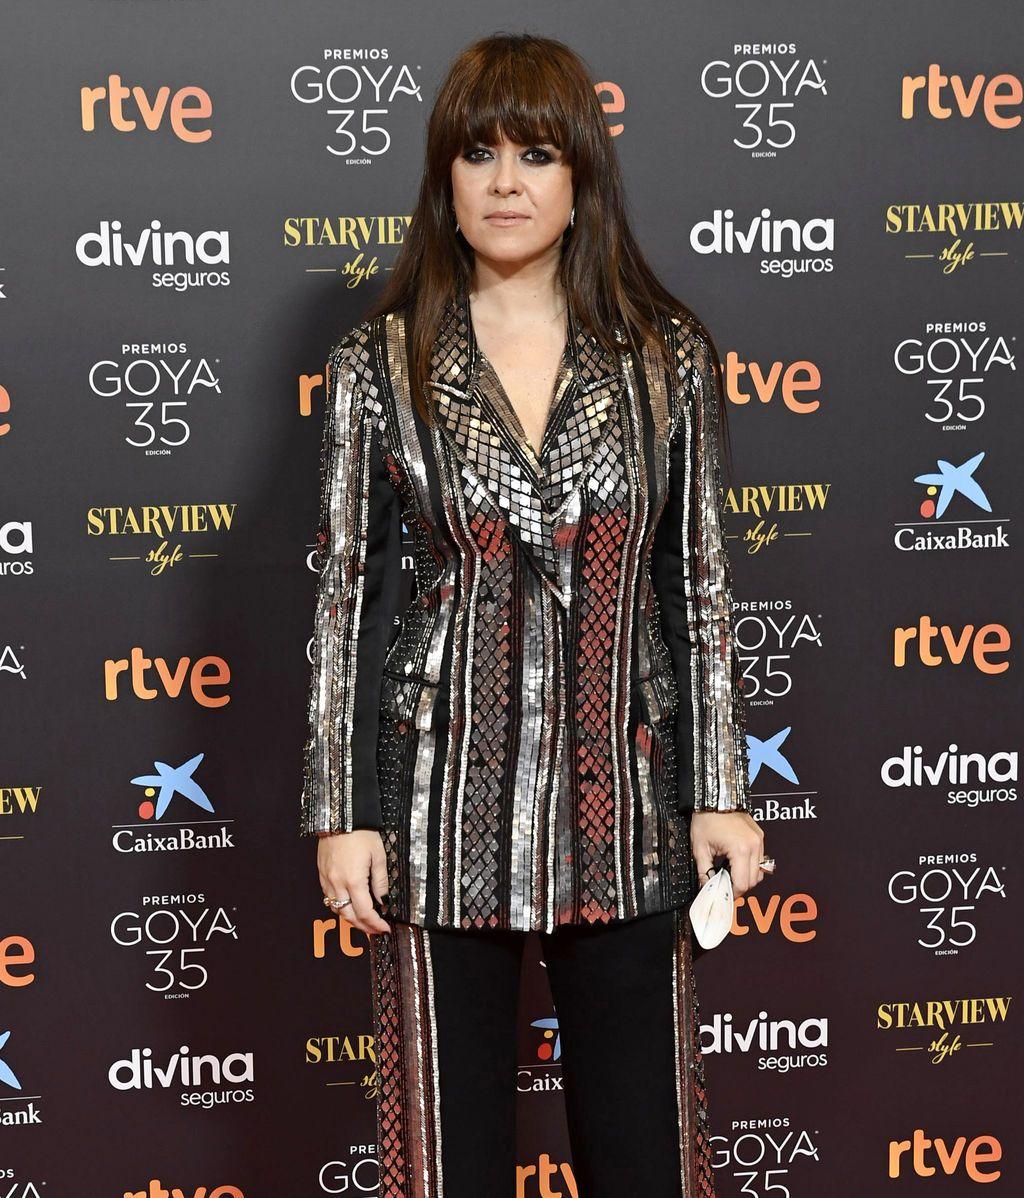 Vanesa Martín en la alfombra roja de los Premios Goya 2021